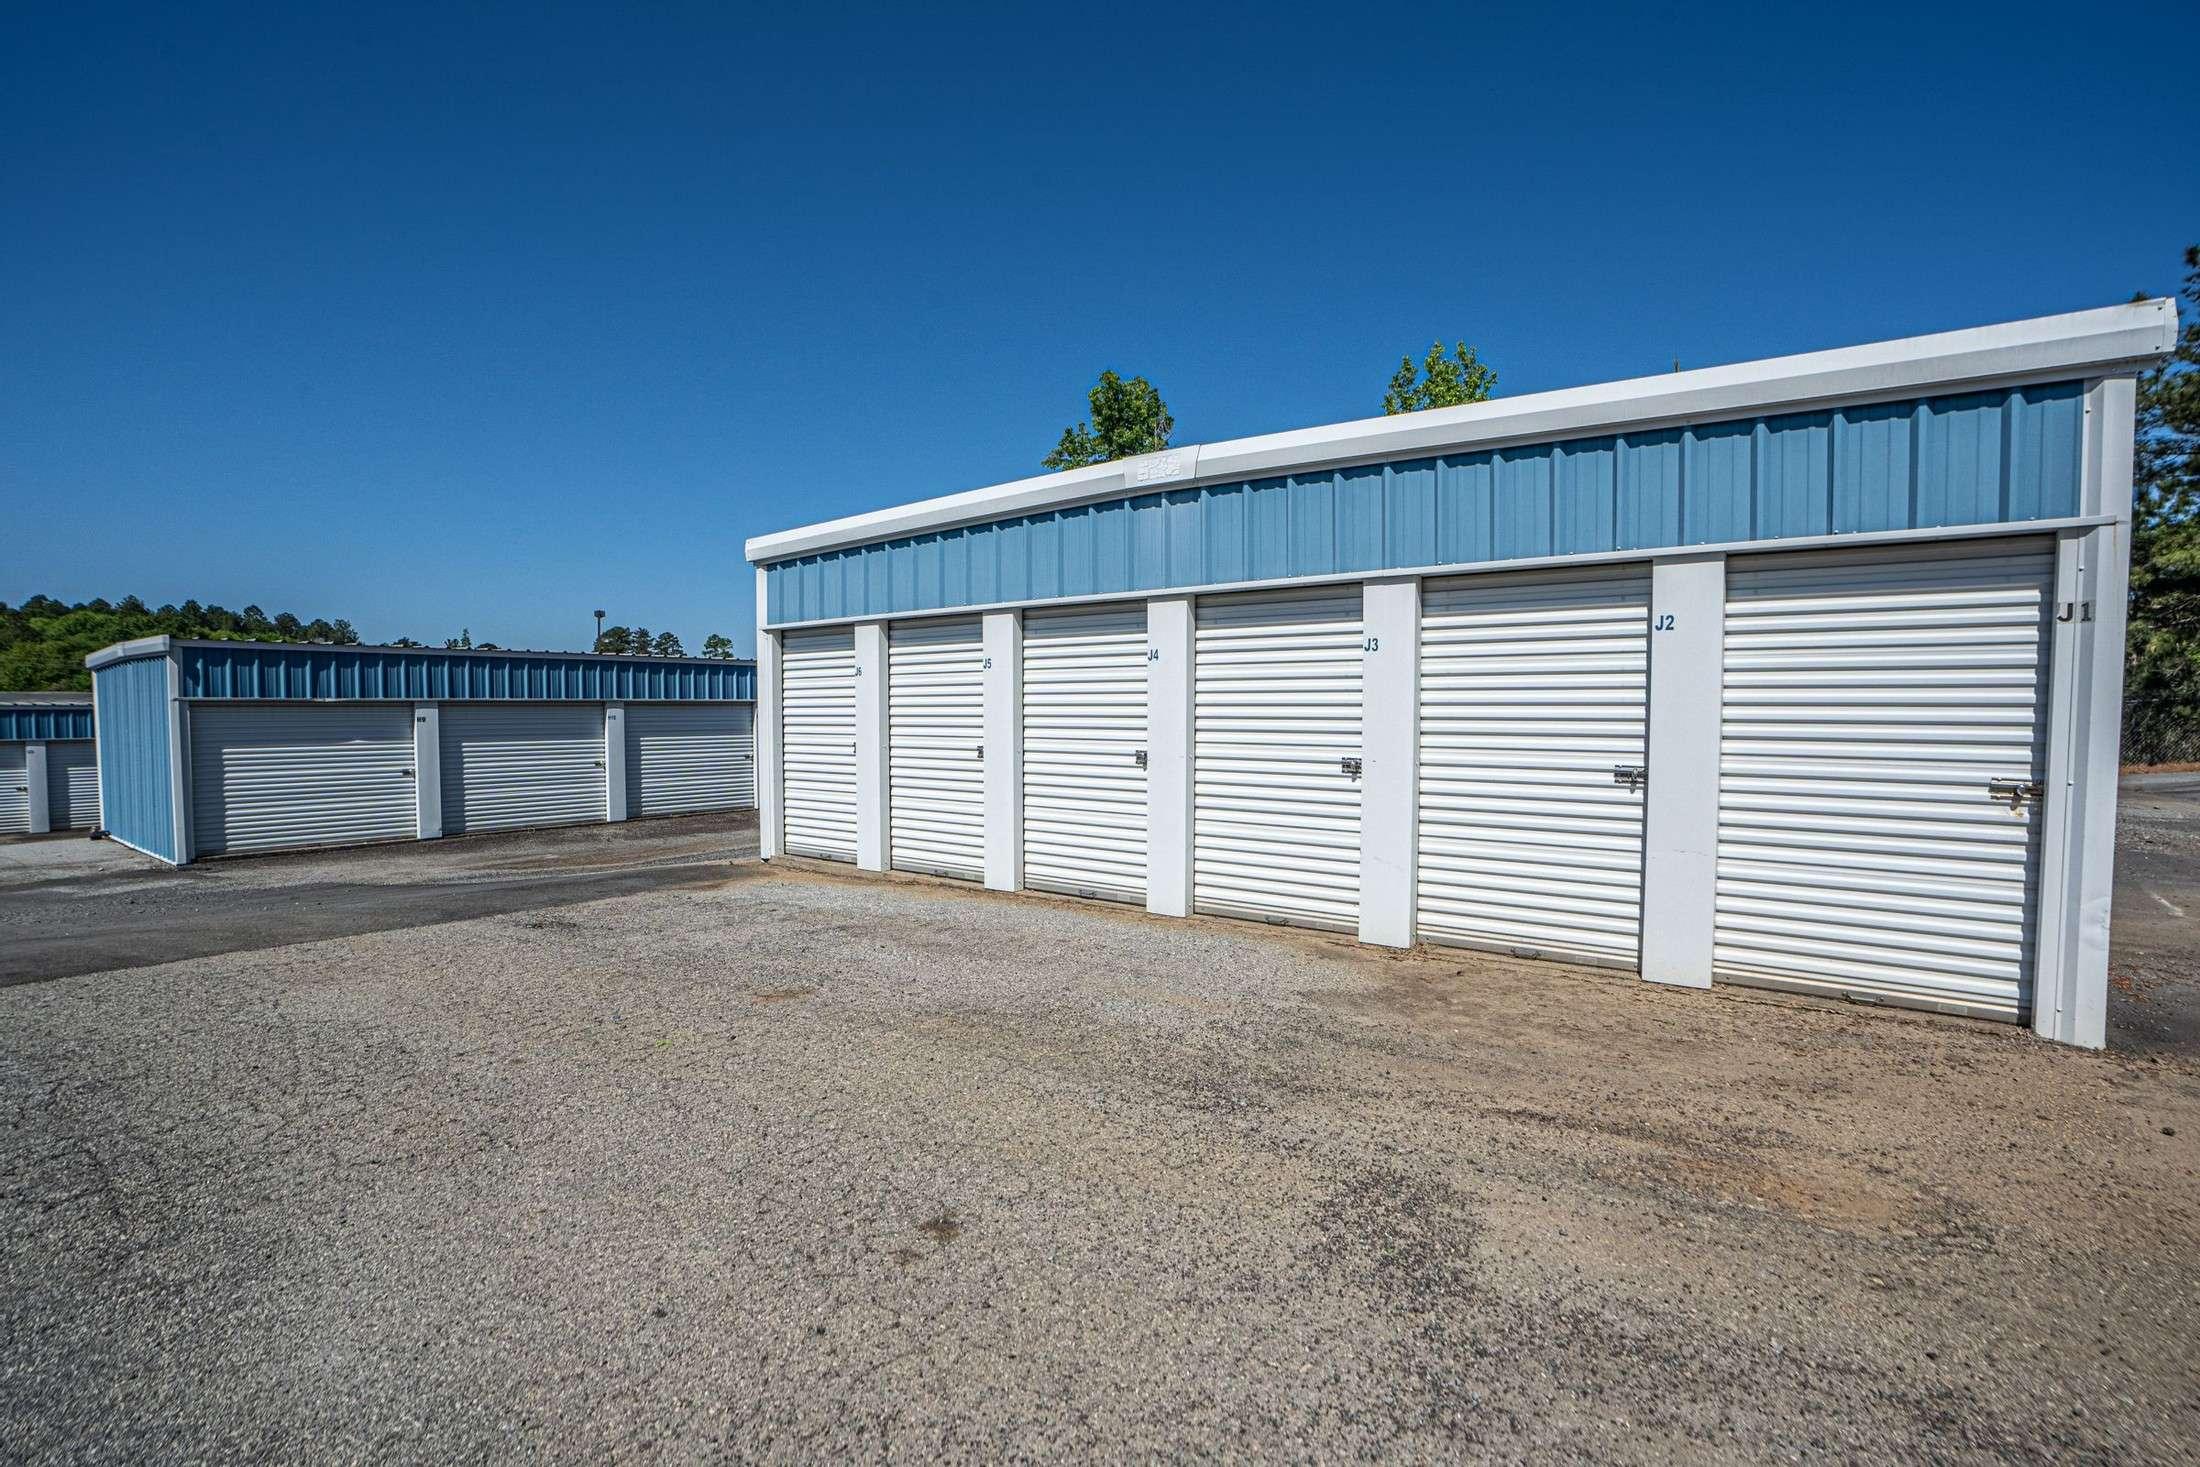 Multiple Self Storage Buildings